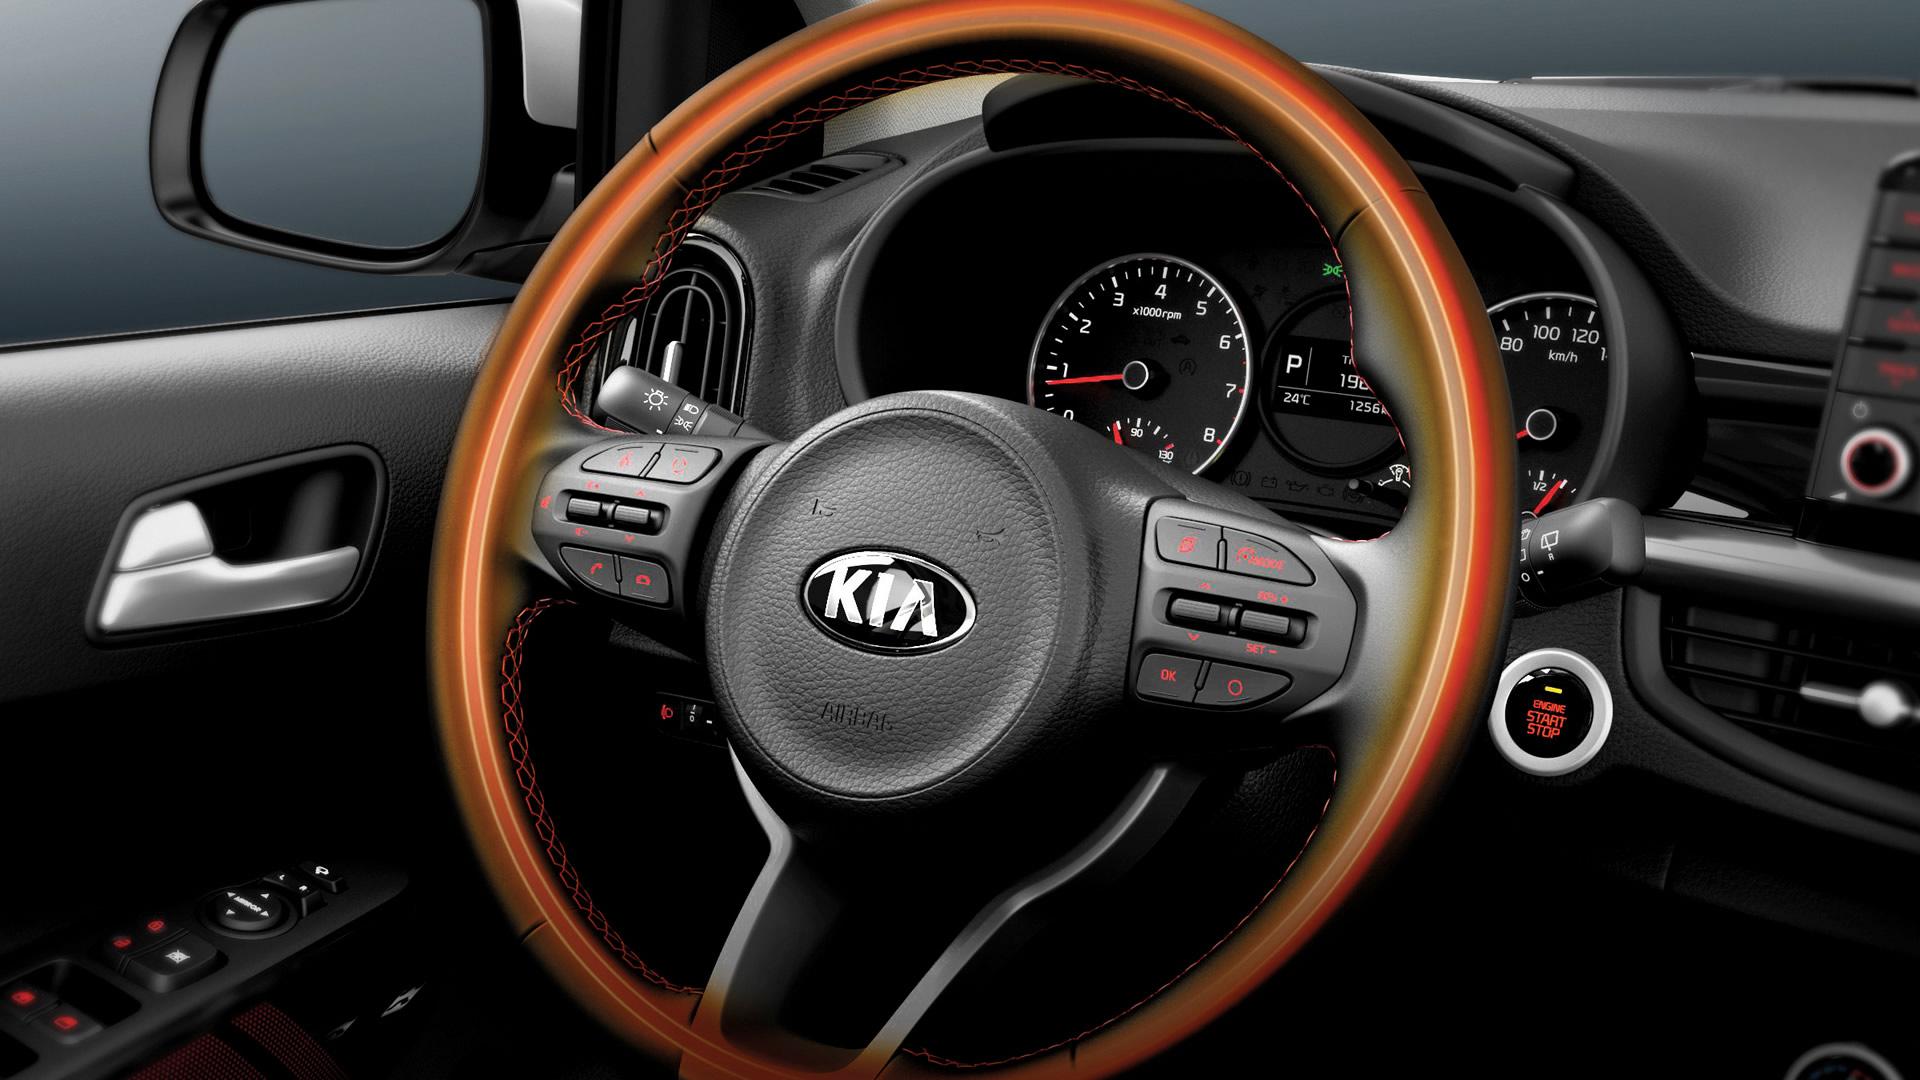 Ja_com1_gls-heated-steering-wheel_1920x1080